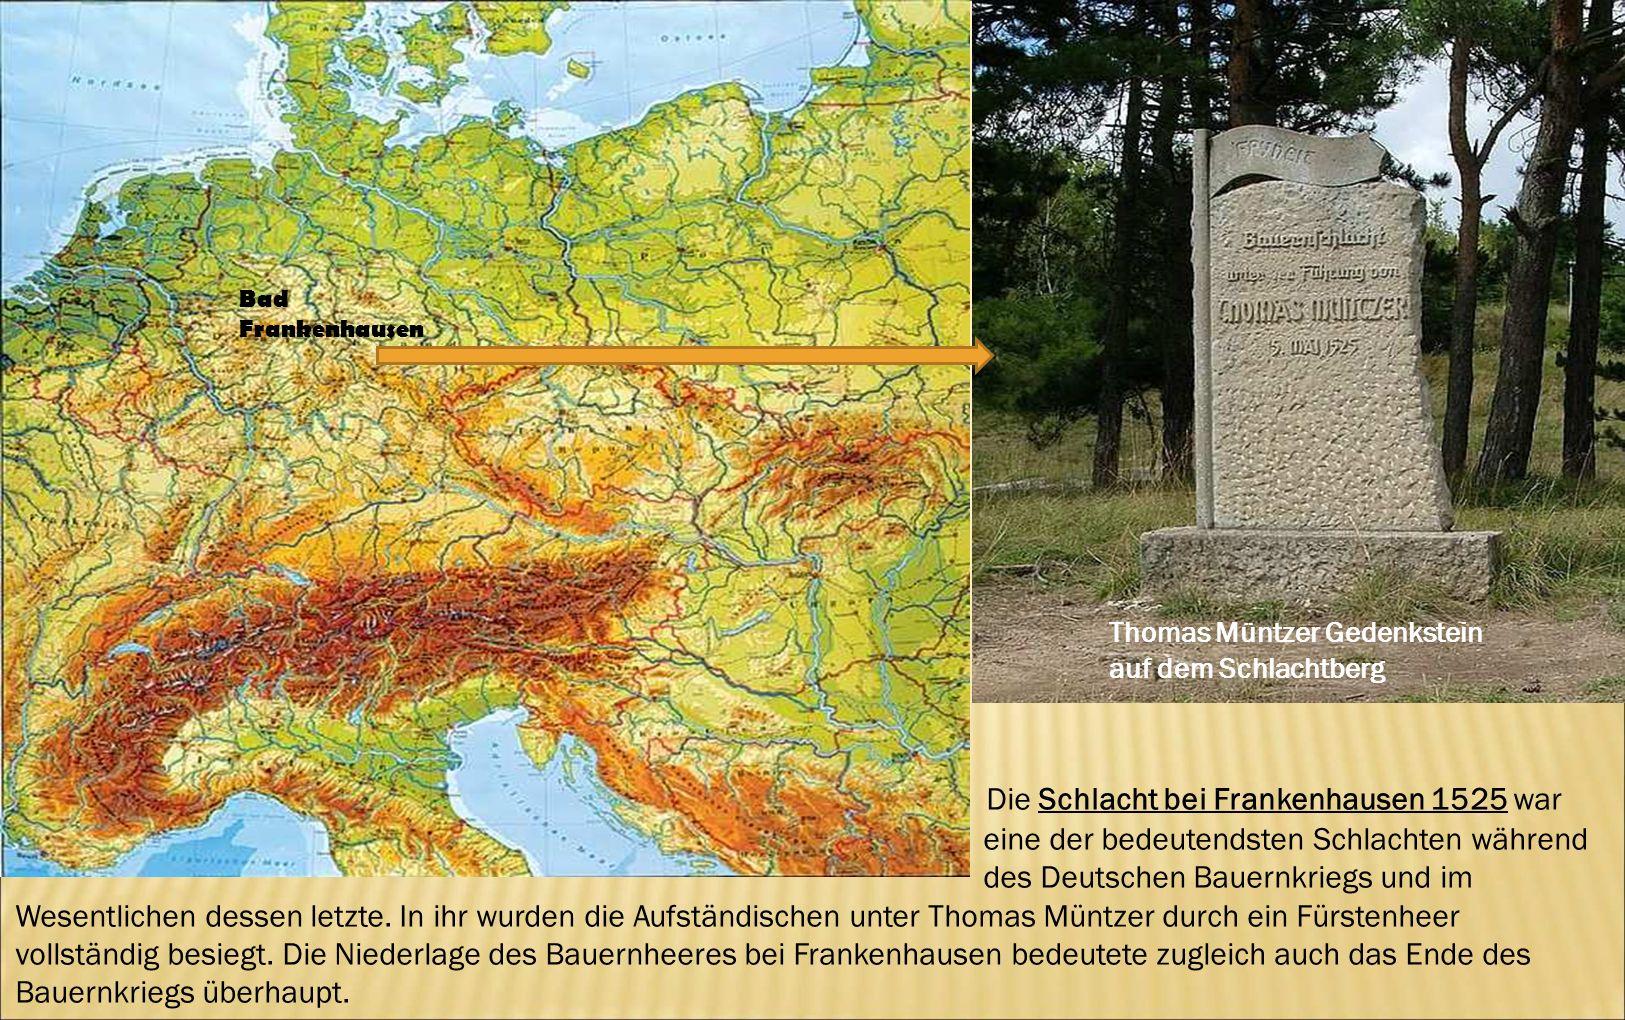 Bad Frankenhausen Die Schlacht bei Frankenhausen 1525 war eine der bedeutendsten Schlachten während des Deutschen Bauernkriegs und im Wesentlichen des